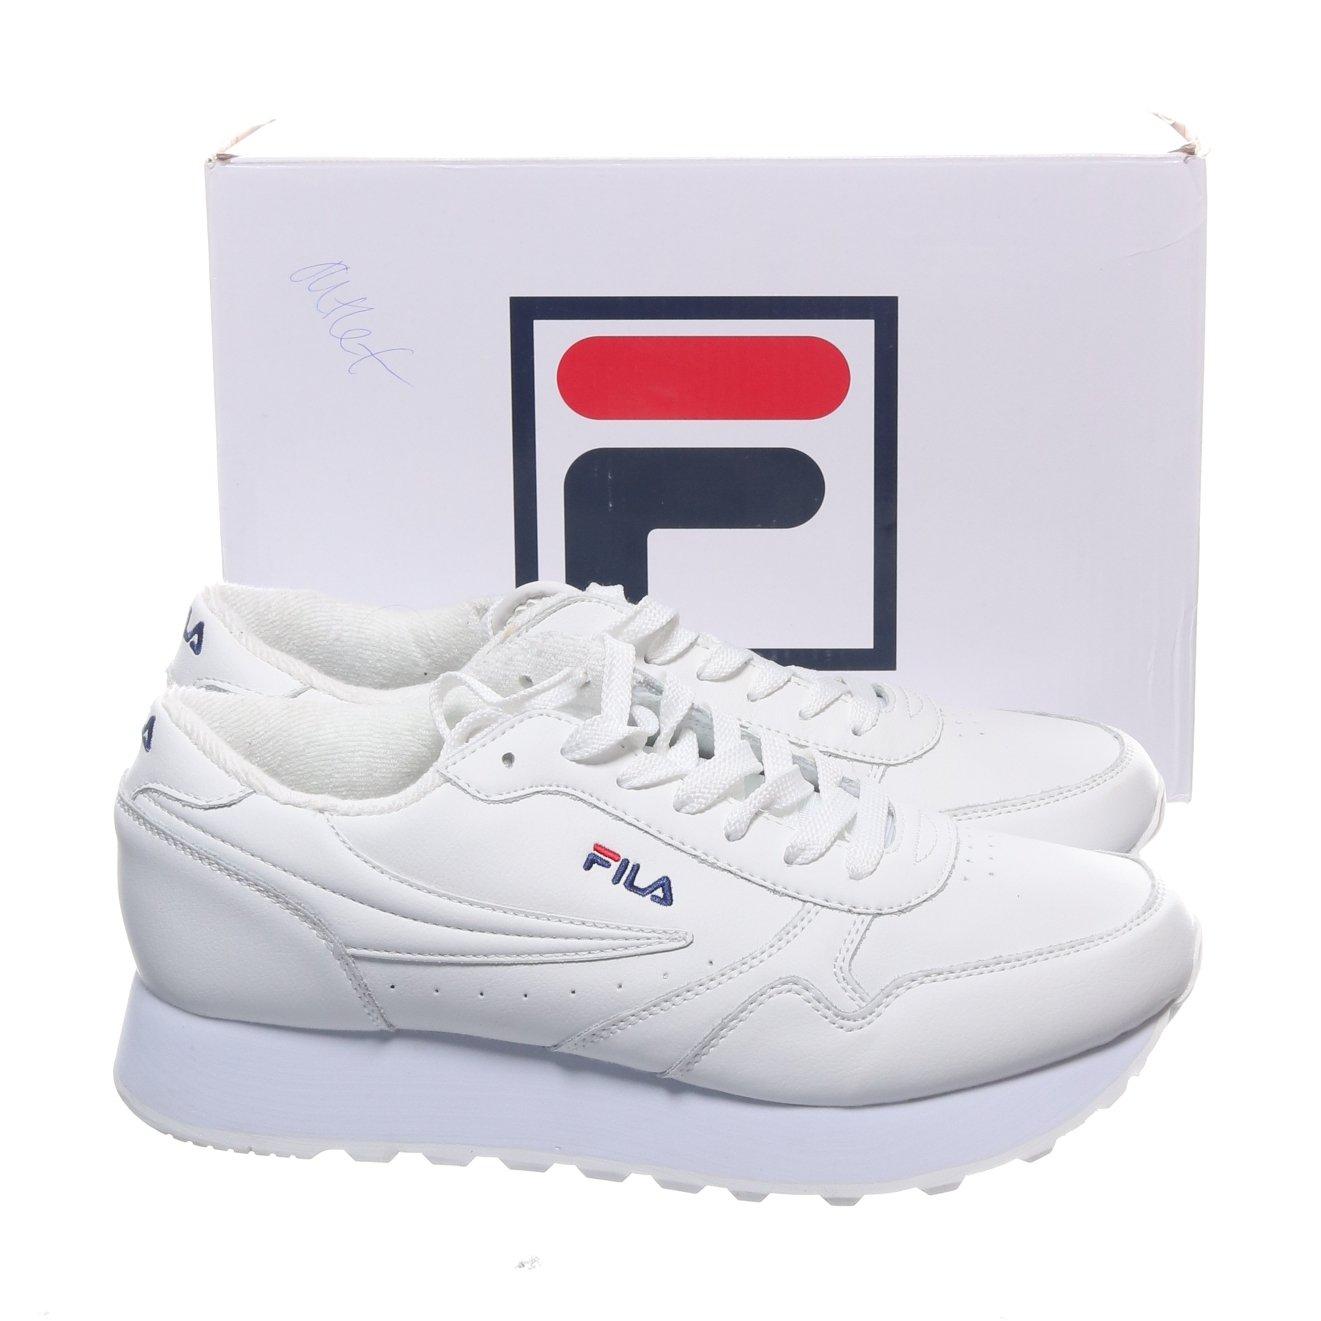 Fila, Sneakers, Strl: 42, Orbit Zeppa, Vit, Skinn